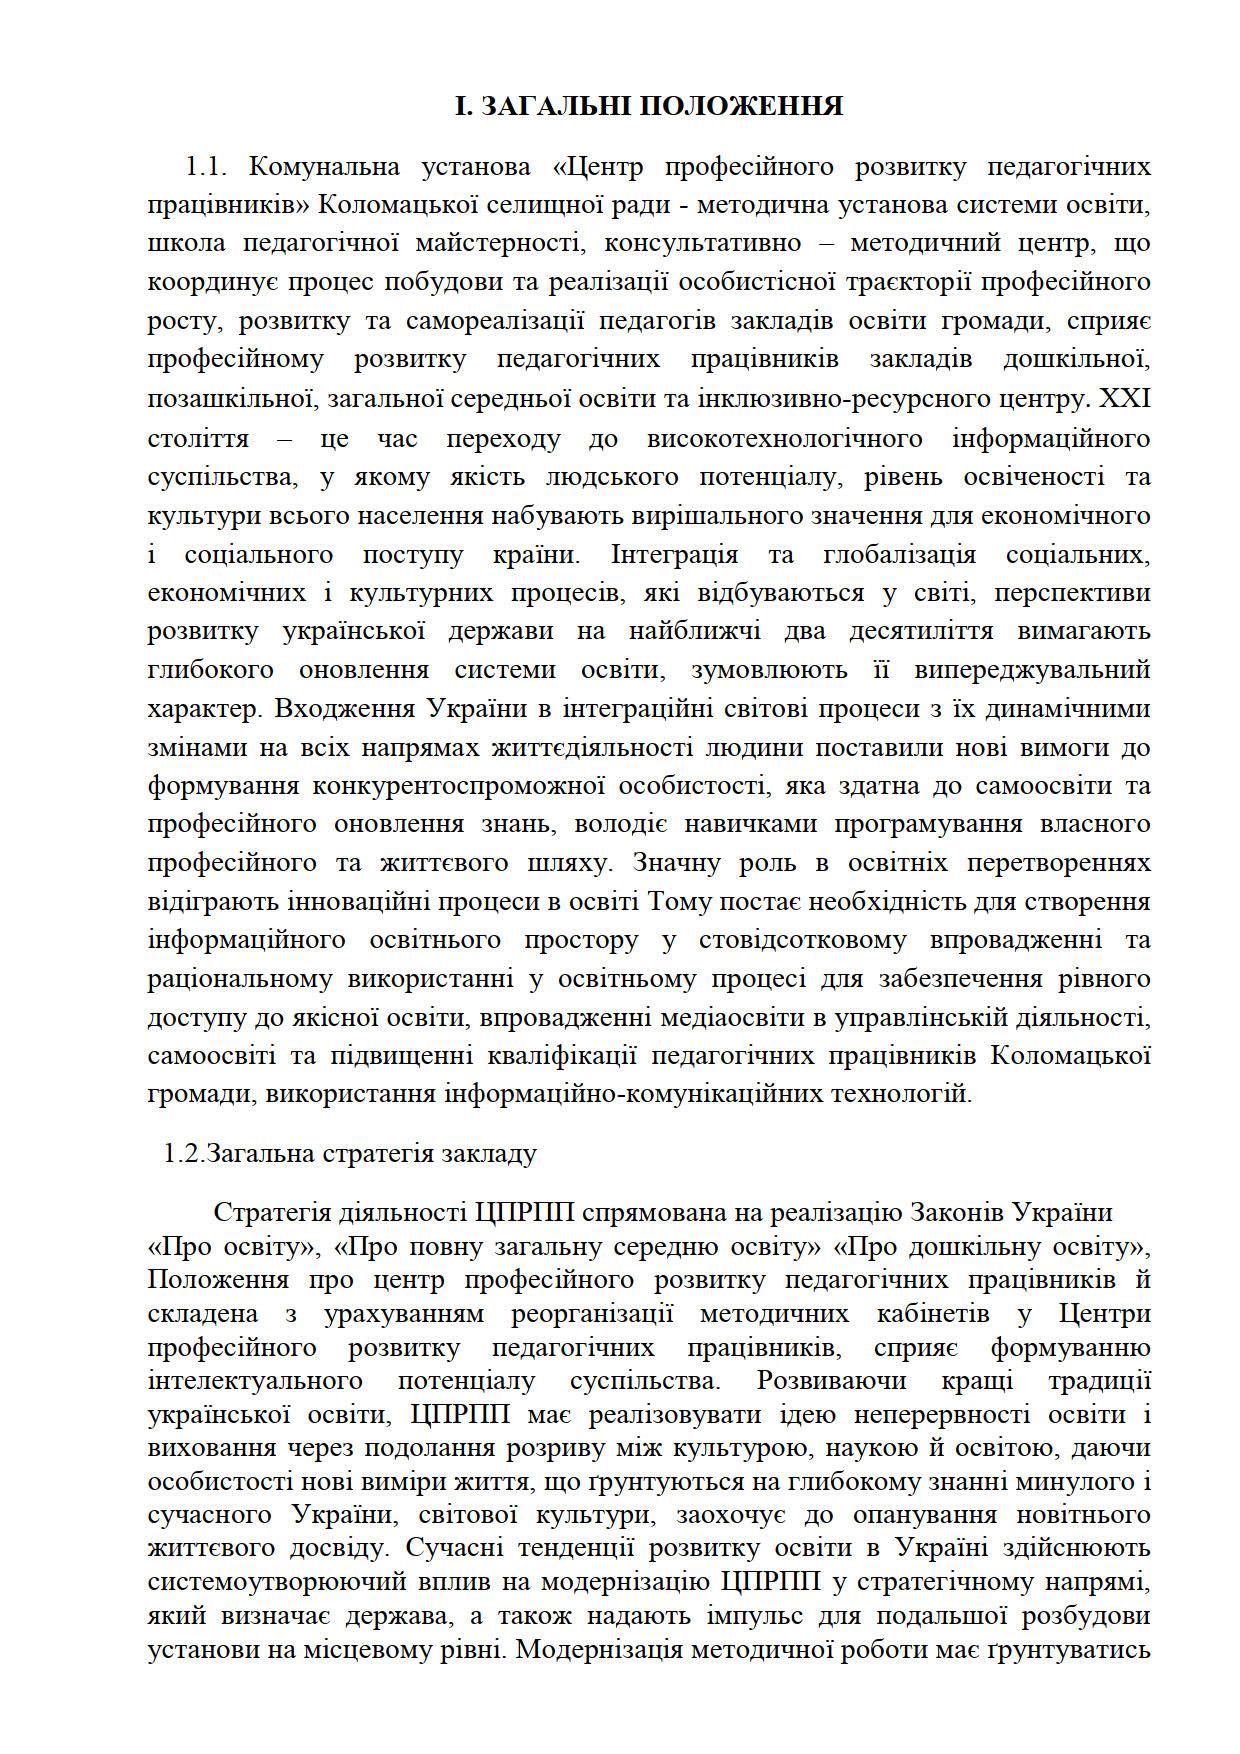 Microsoft Word - стратегія розвитку ЦПРПП_2